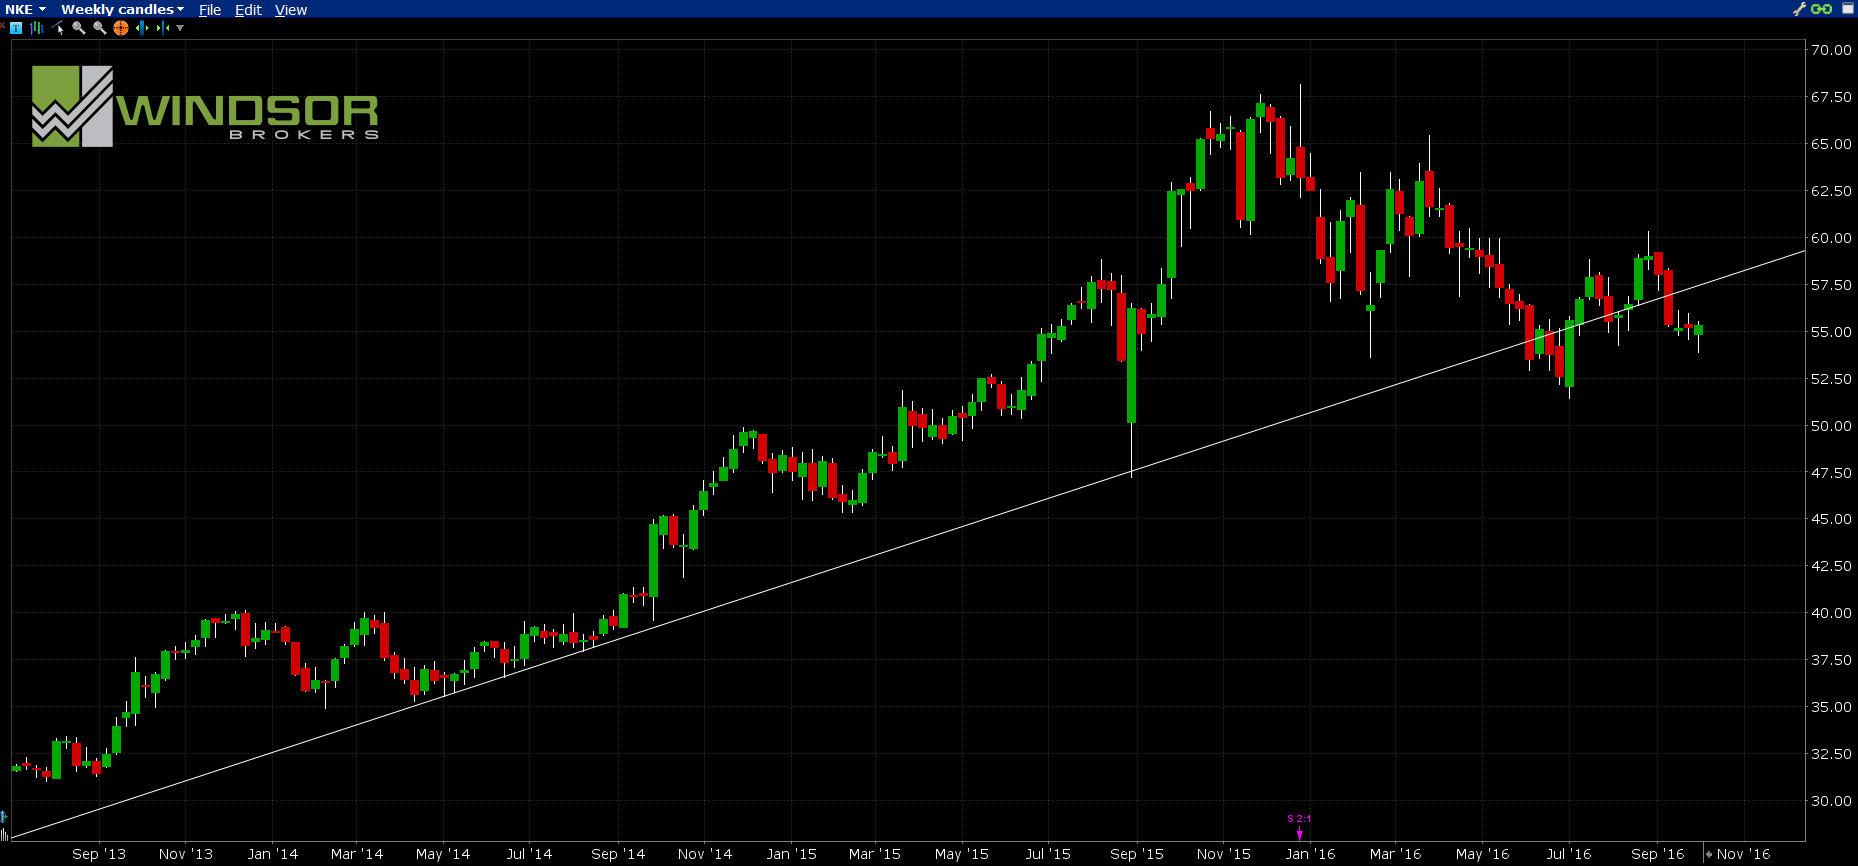 Wykres spółki NIKE, interwał W1 - All Markets Online.